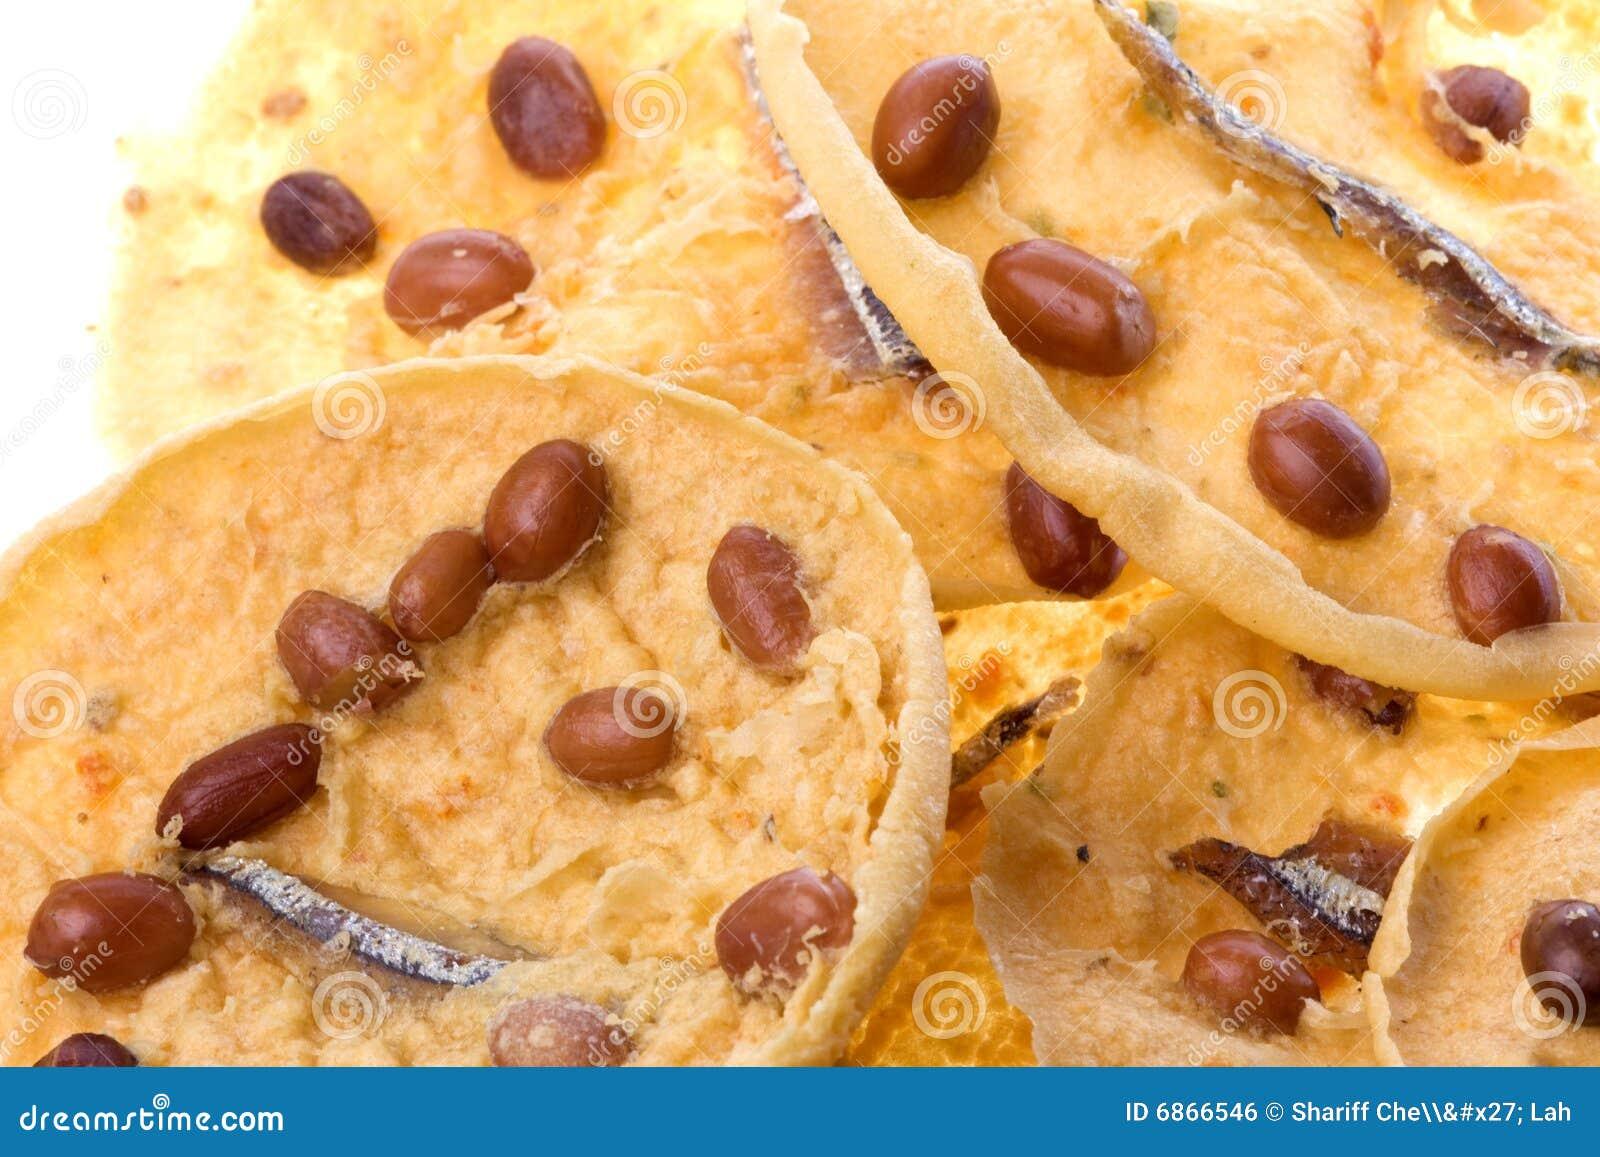 Шутихи арахиса и камсы